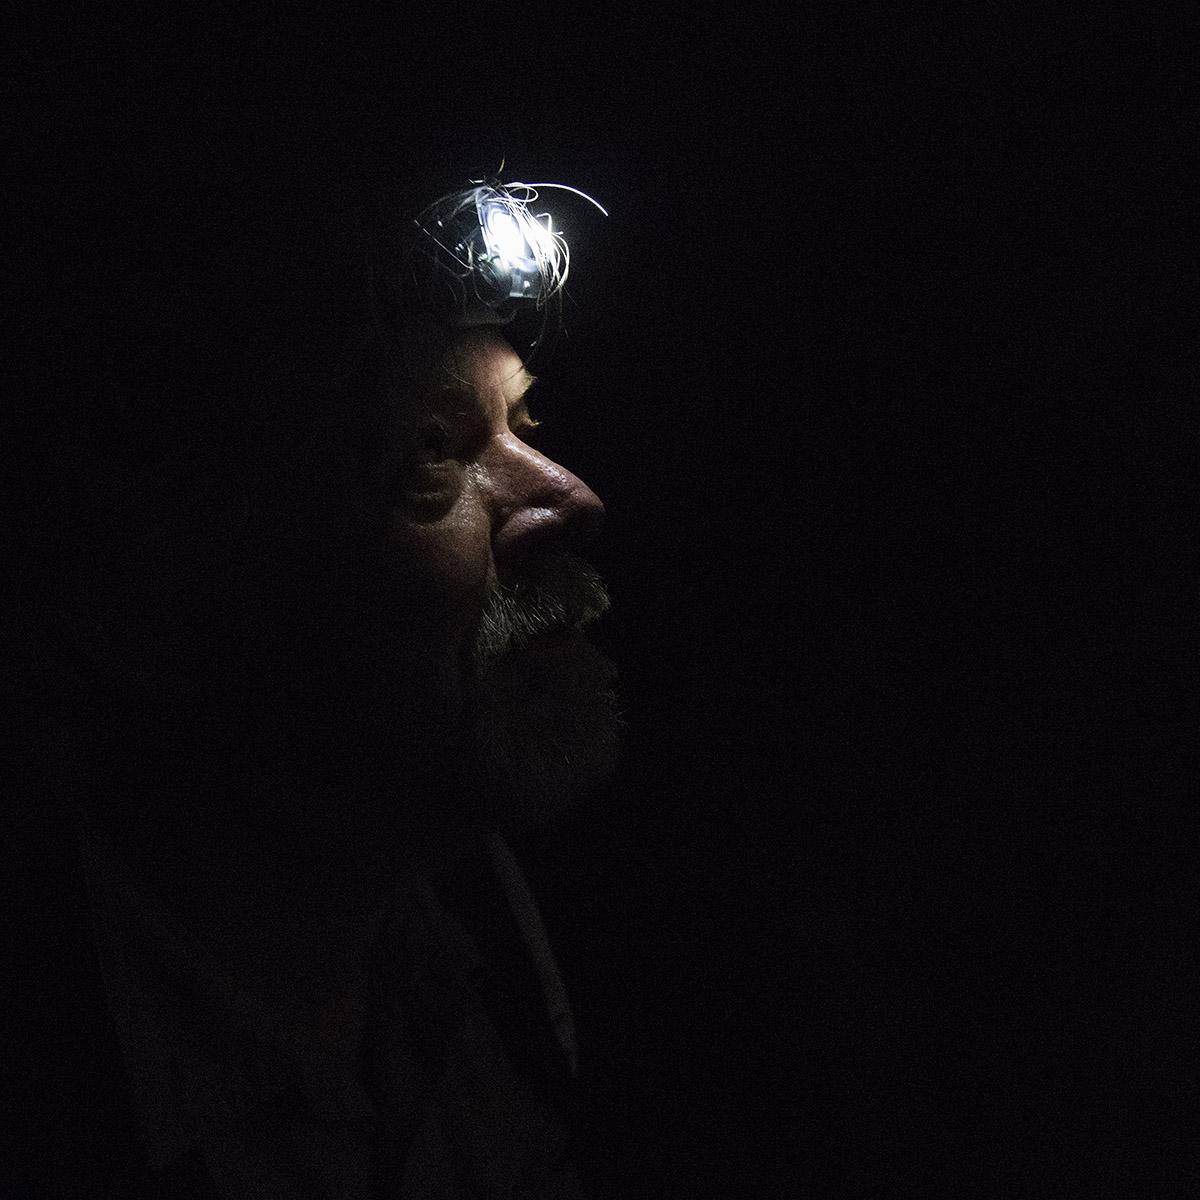 Reportage sur les traces du Minioptère, petite chauve-souris des Gorges de l'Areuse  © Thierry Porchet